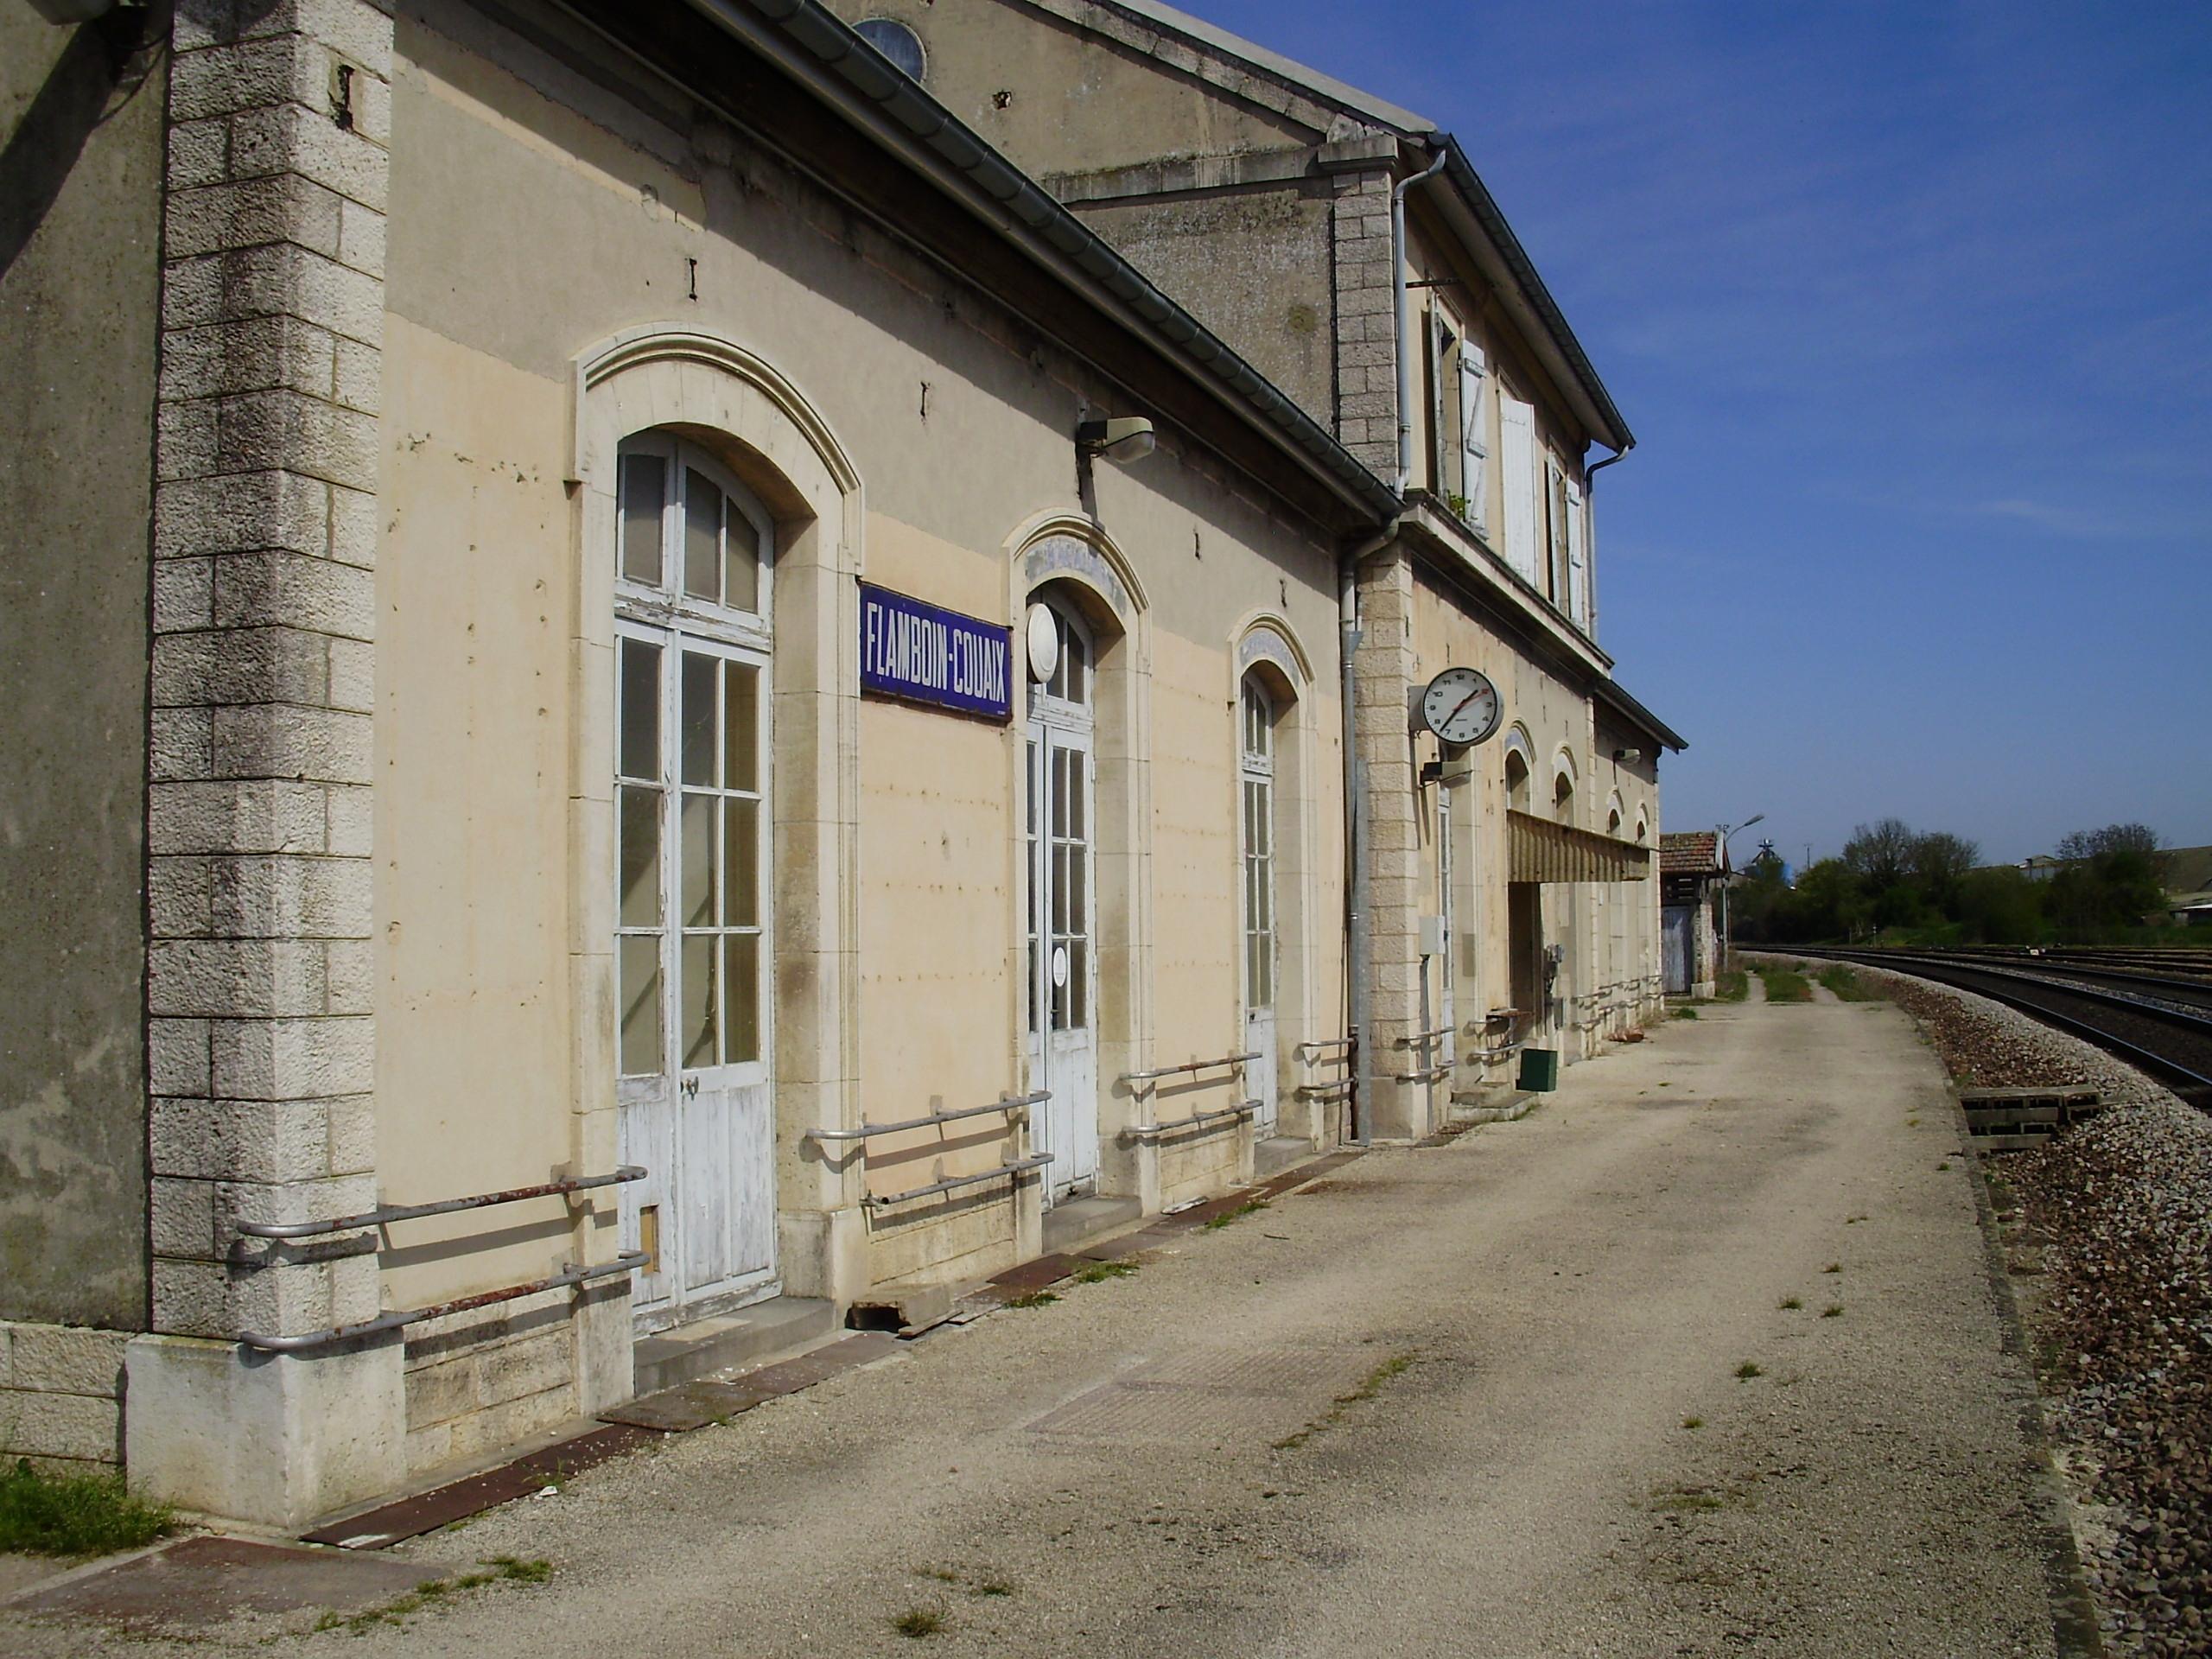 Serre De Gouaix Beau Images Restaurant Ext Rieur Quai Paris Gare Du nord Exterieur Quai